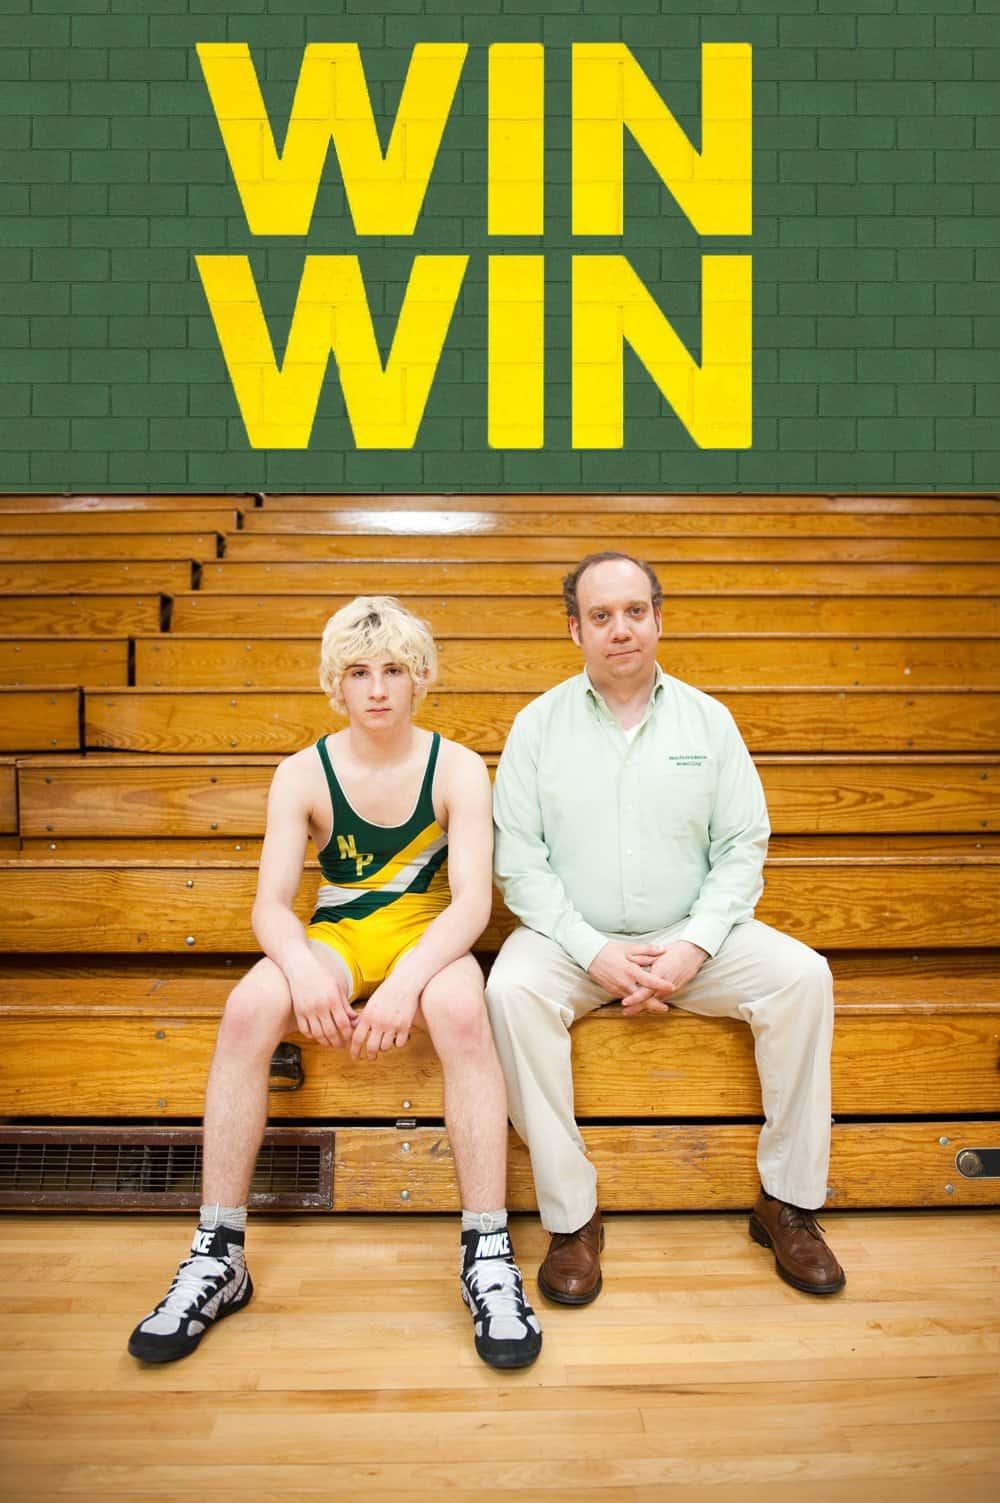 Win Win, 2011